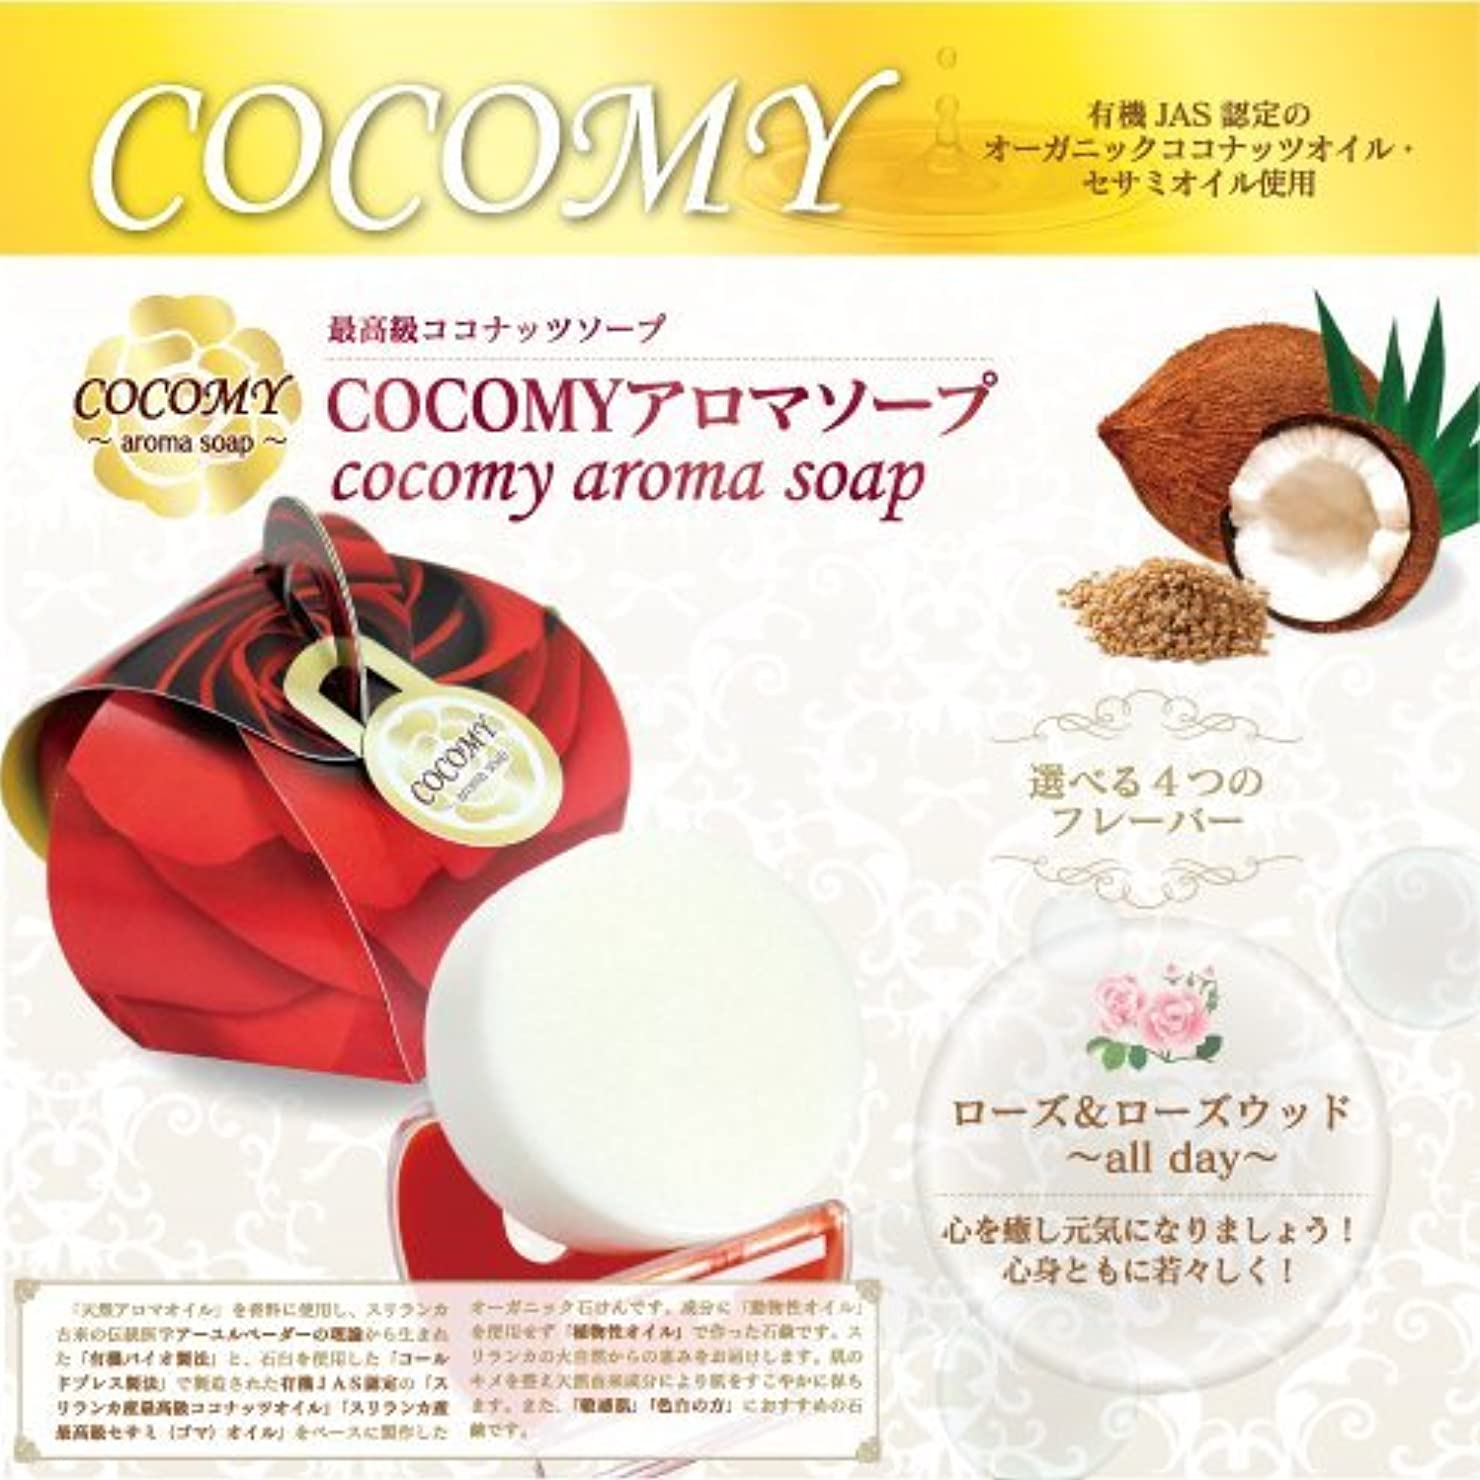 ほとんどない雑草真夜中COCOMY aromaソープ 2個セット (ローズ&ローズウッド) 40g×2